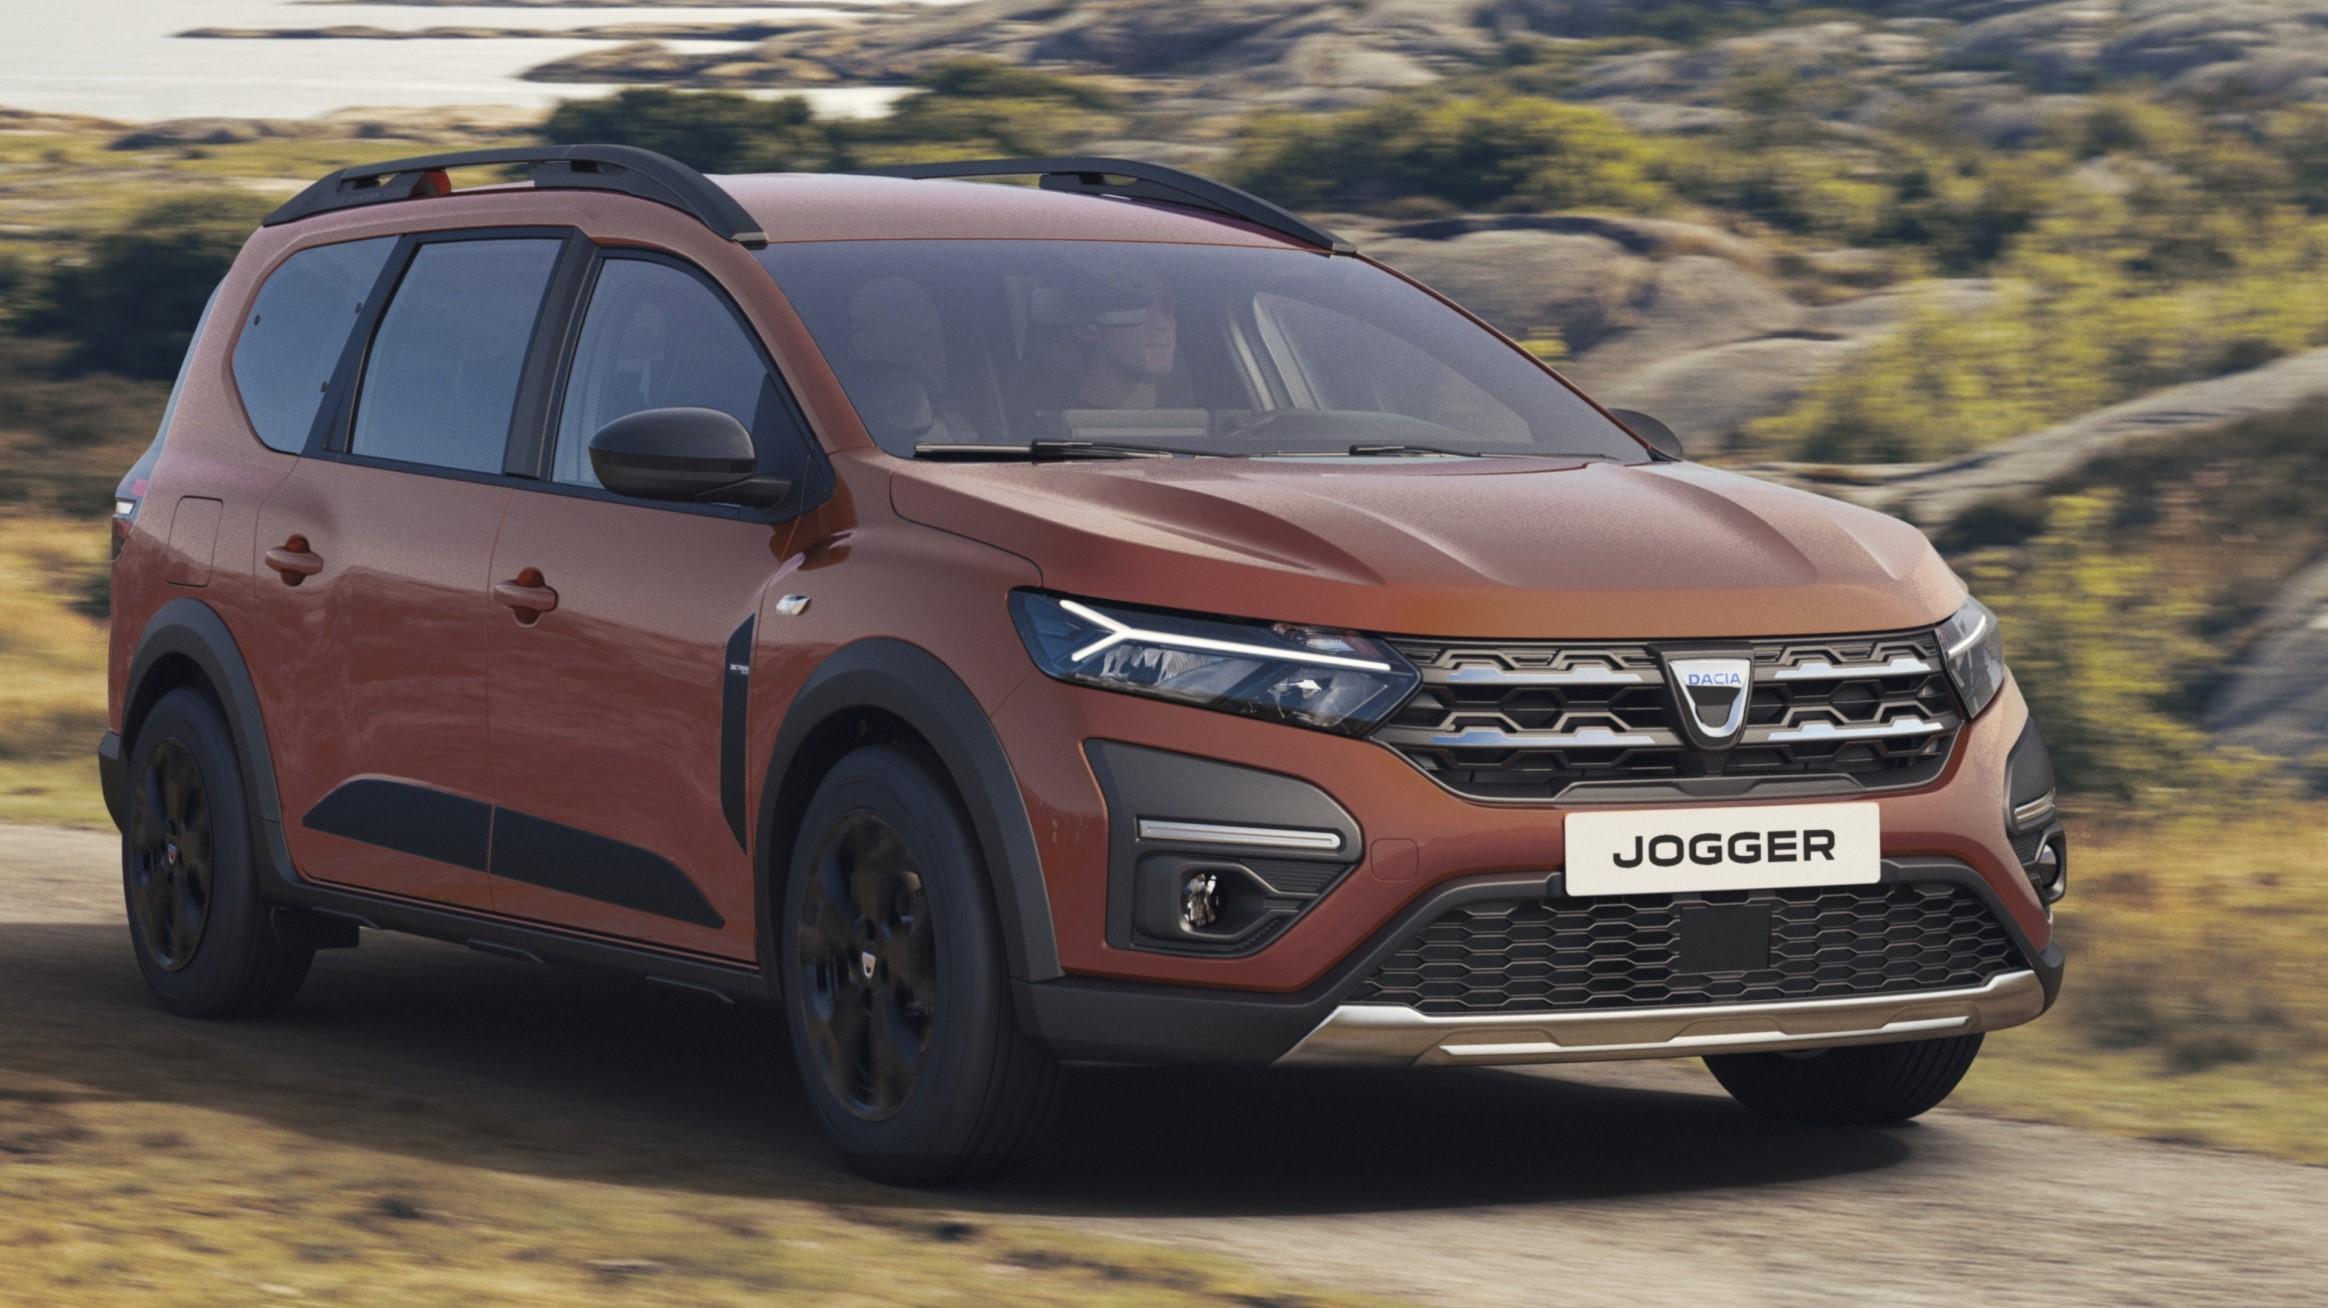 New Dacia Jogger gets debut